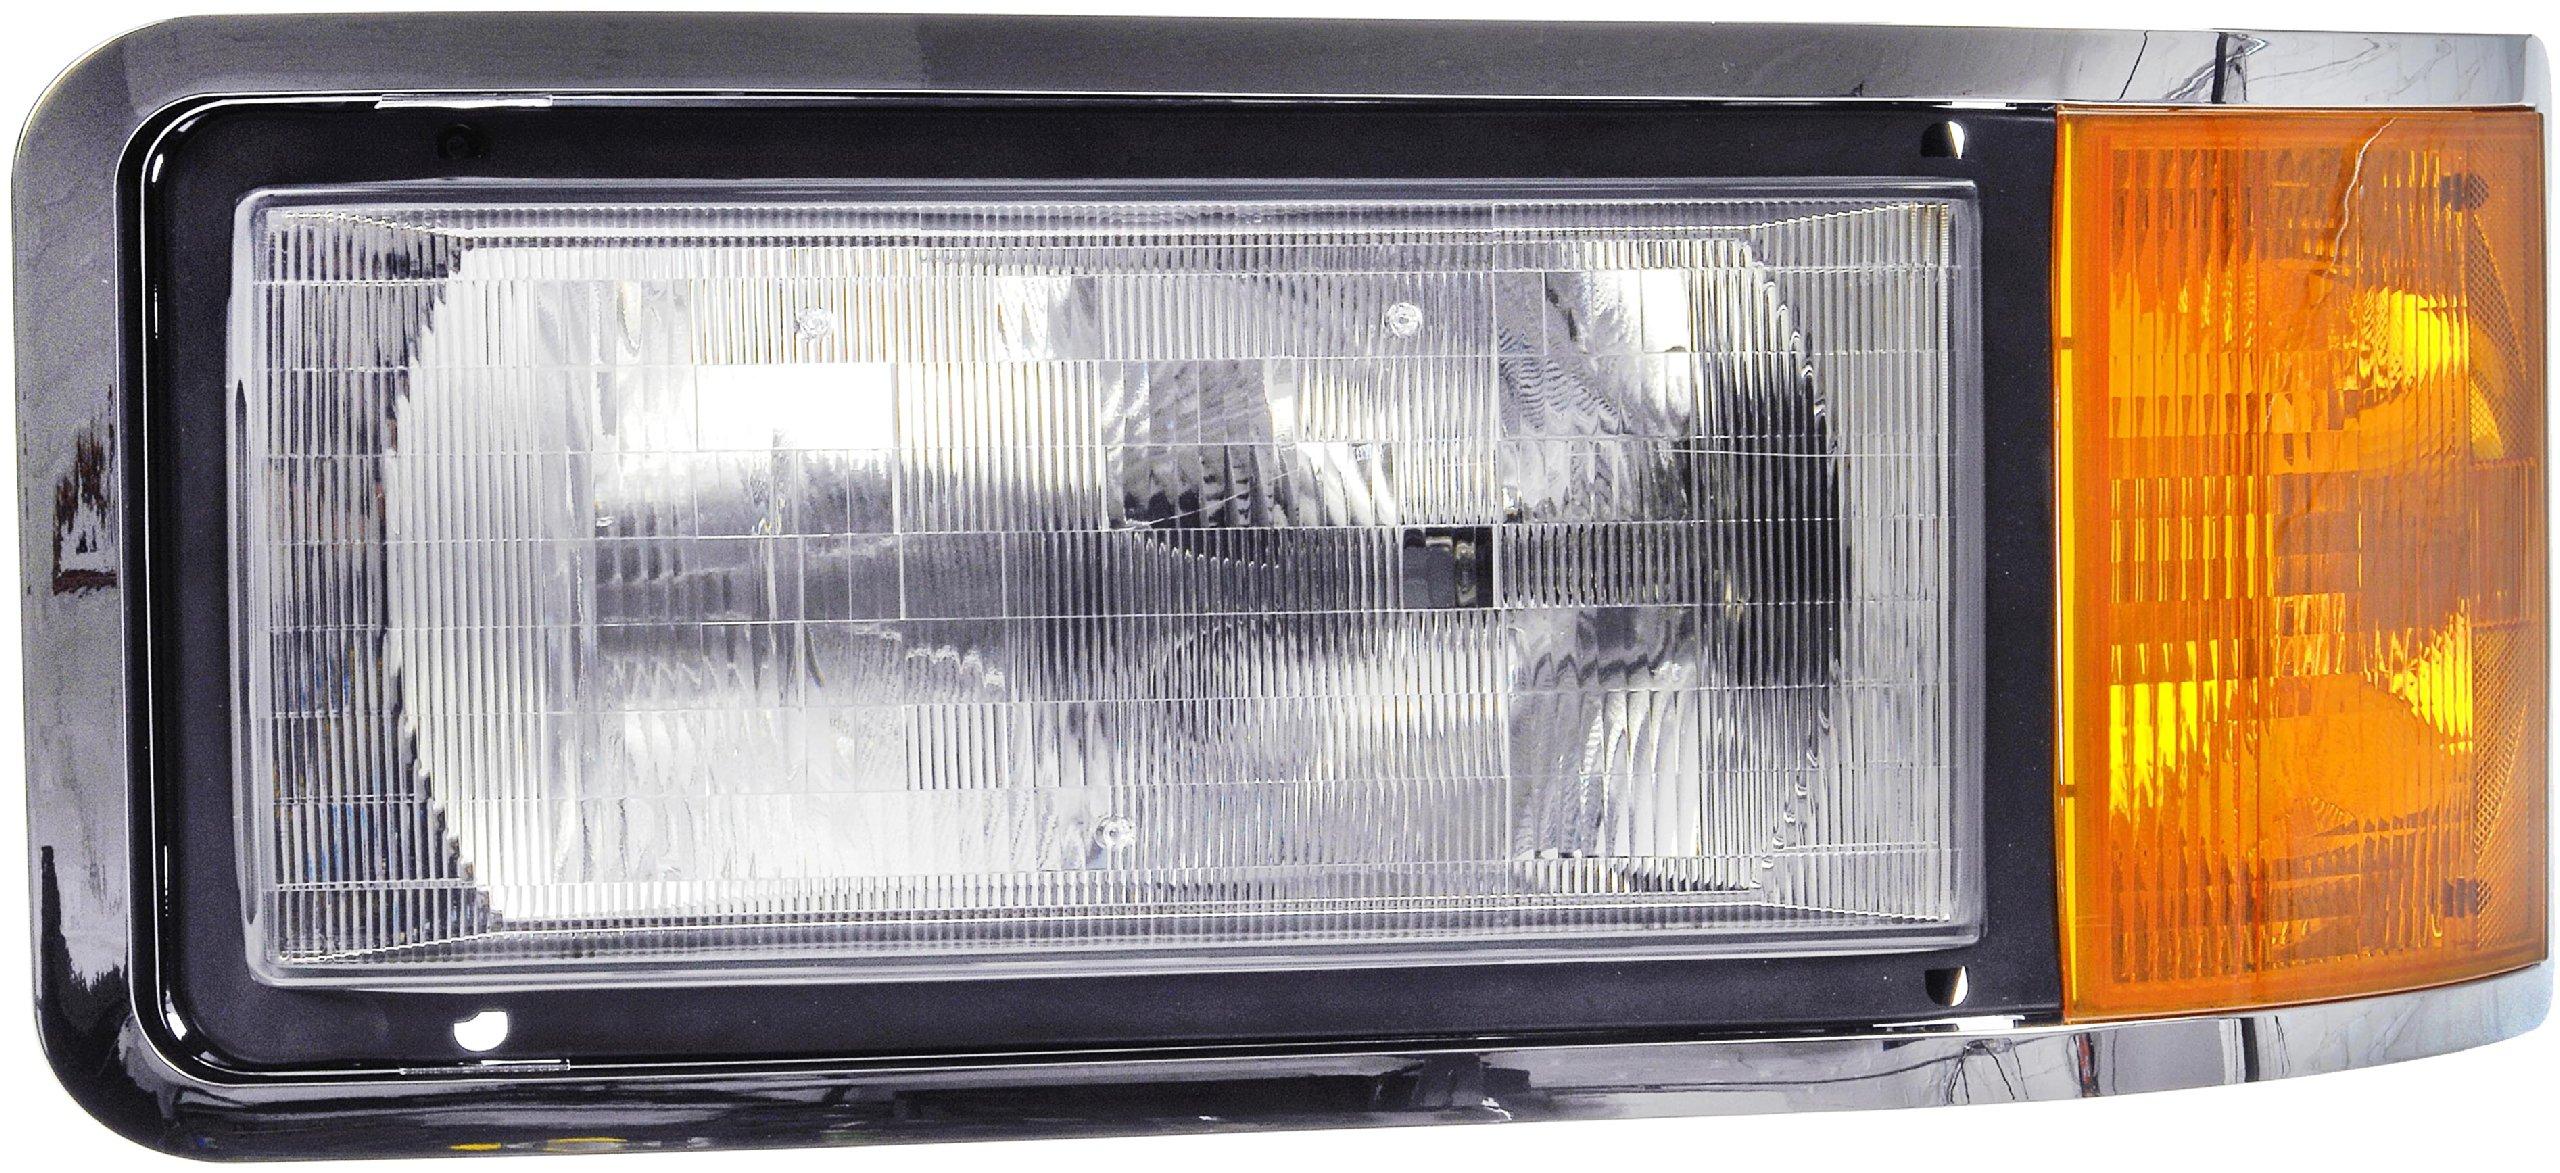 Dorman 888-5501 Passenger Side Headlight Assembly For Select Mack Models by Dorman